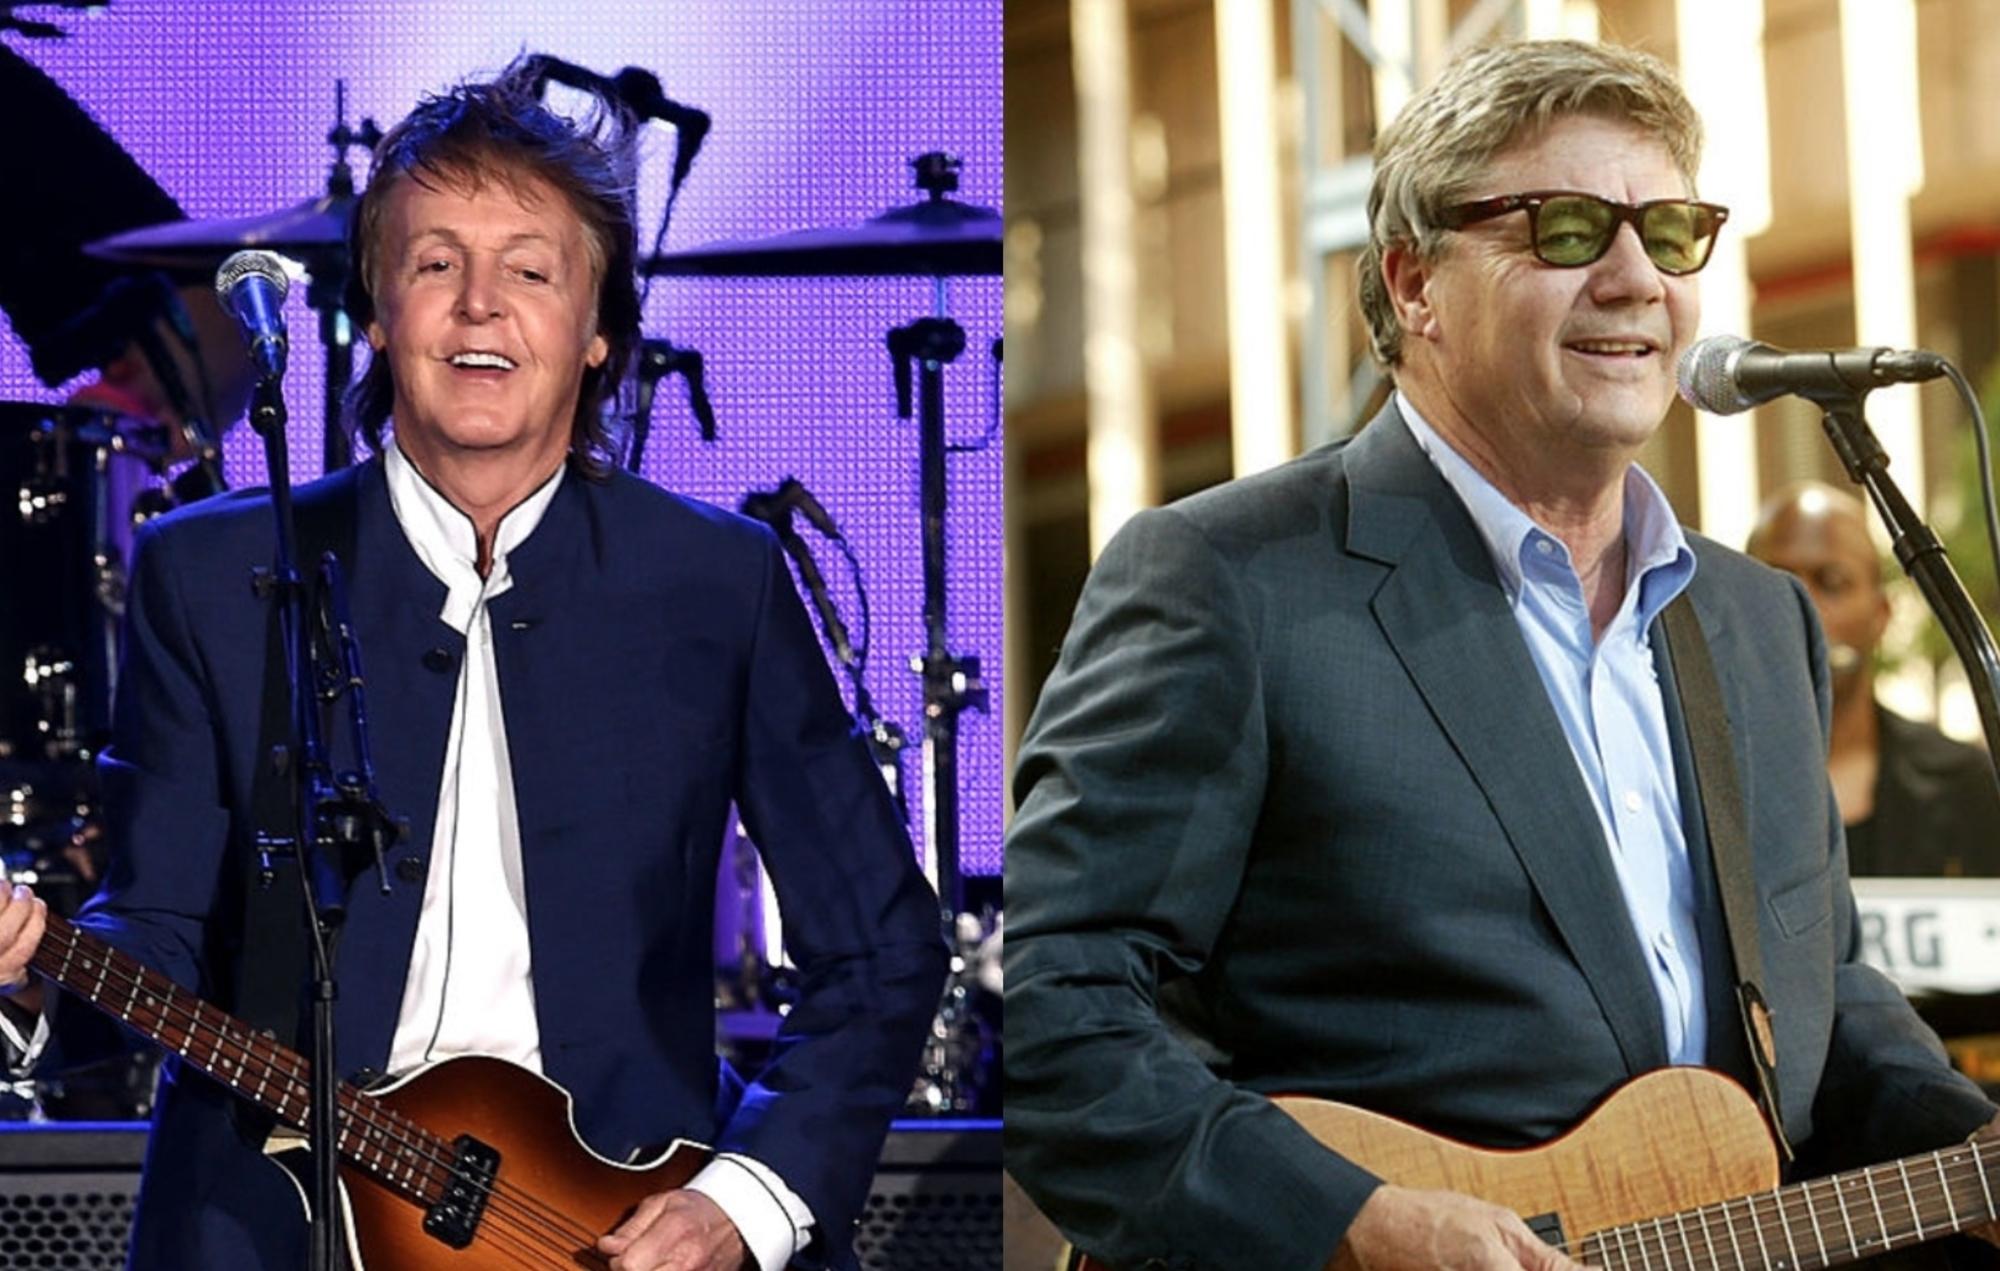 Paul McCartney and Steve Miller